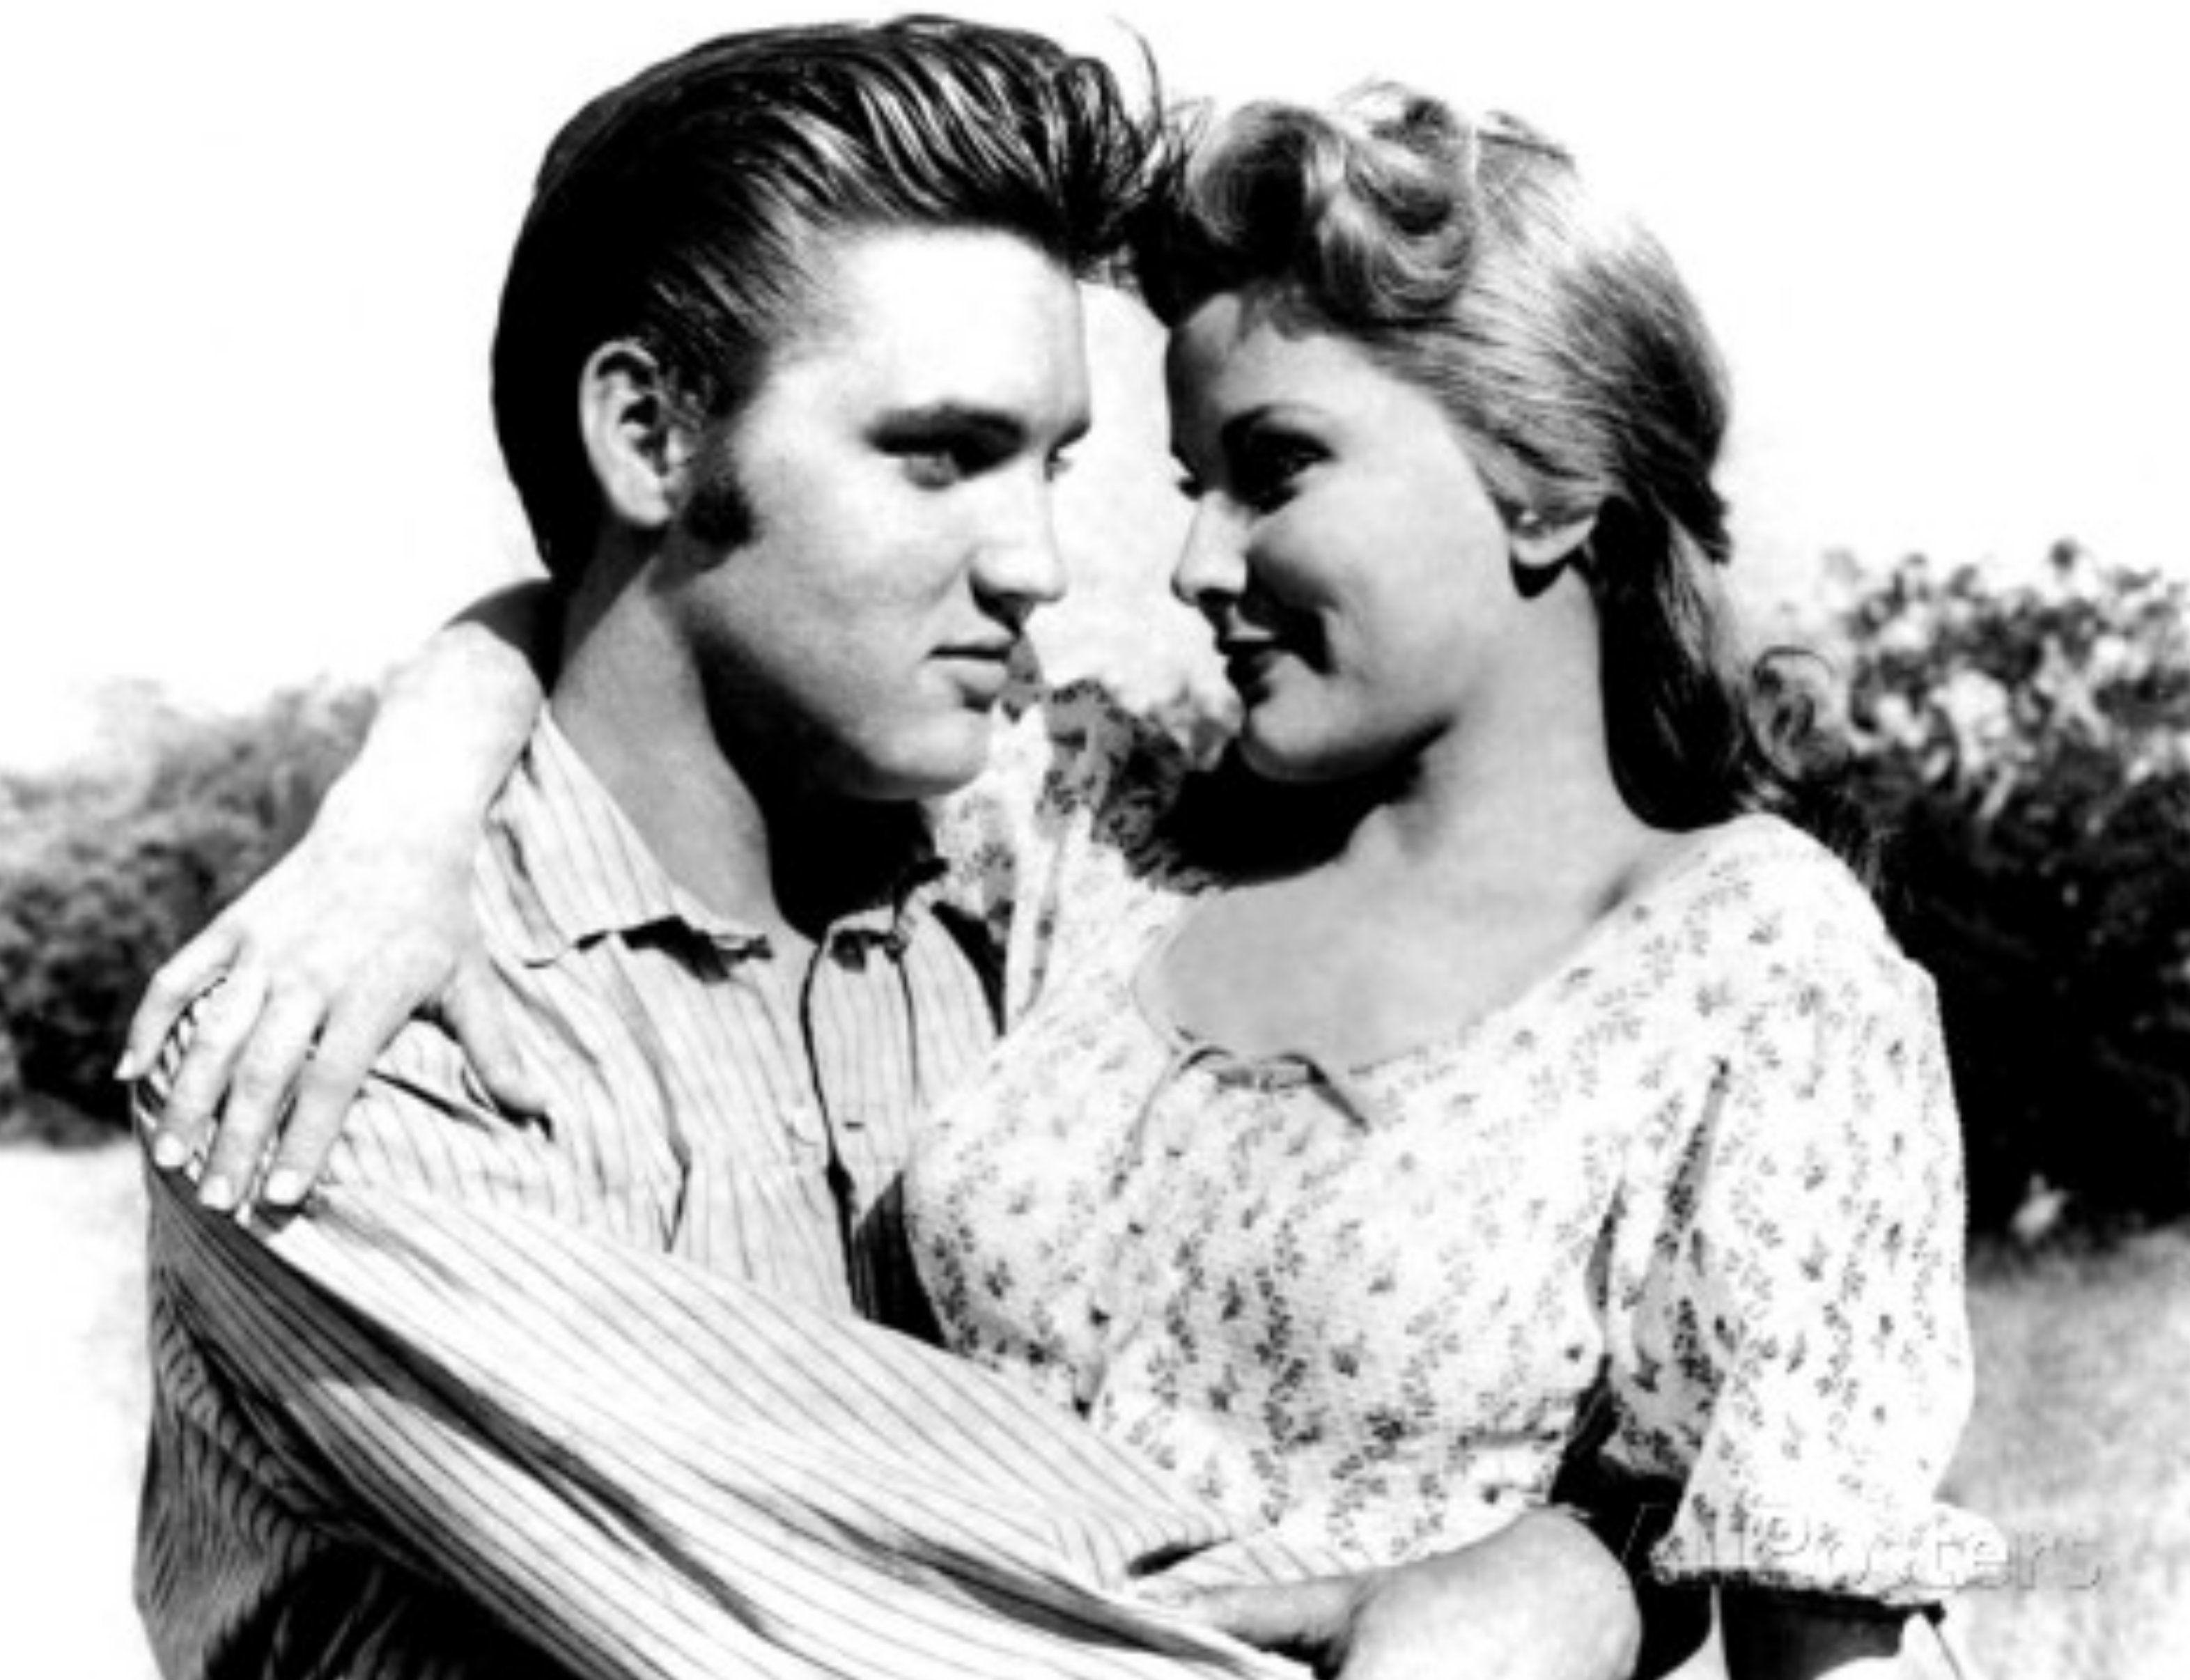 Elvis Love Me Tender